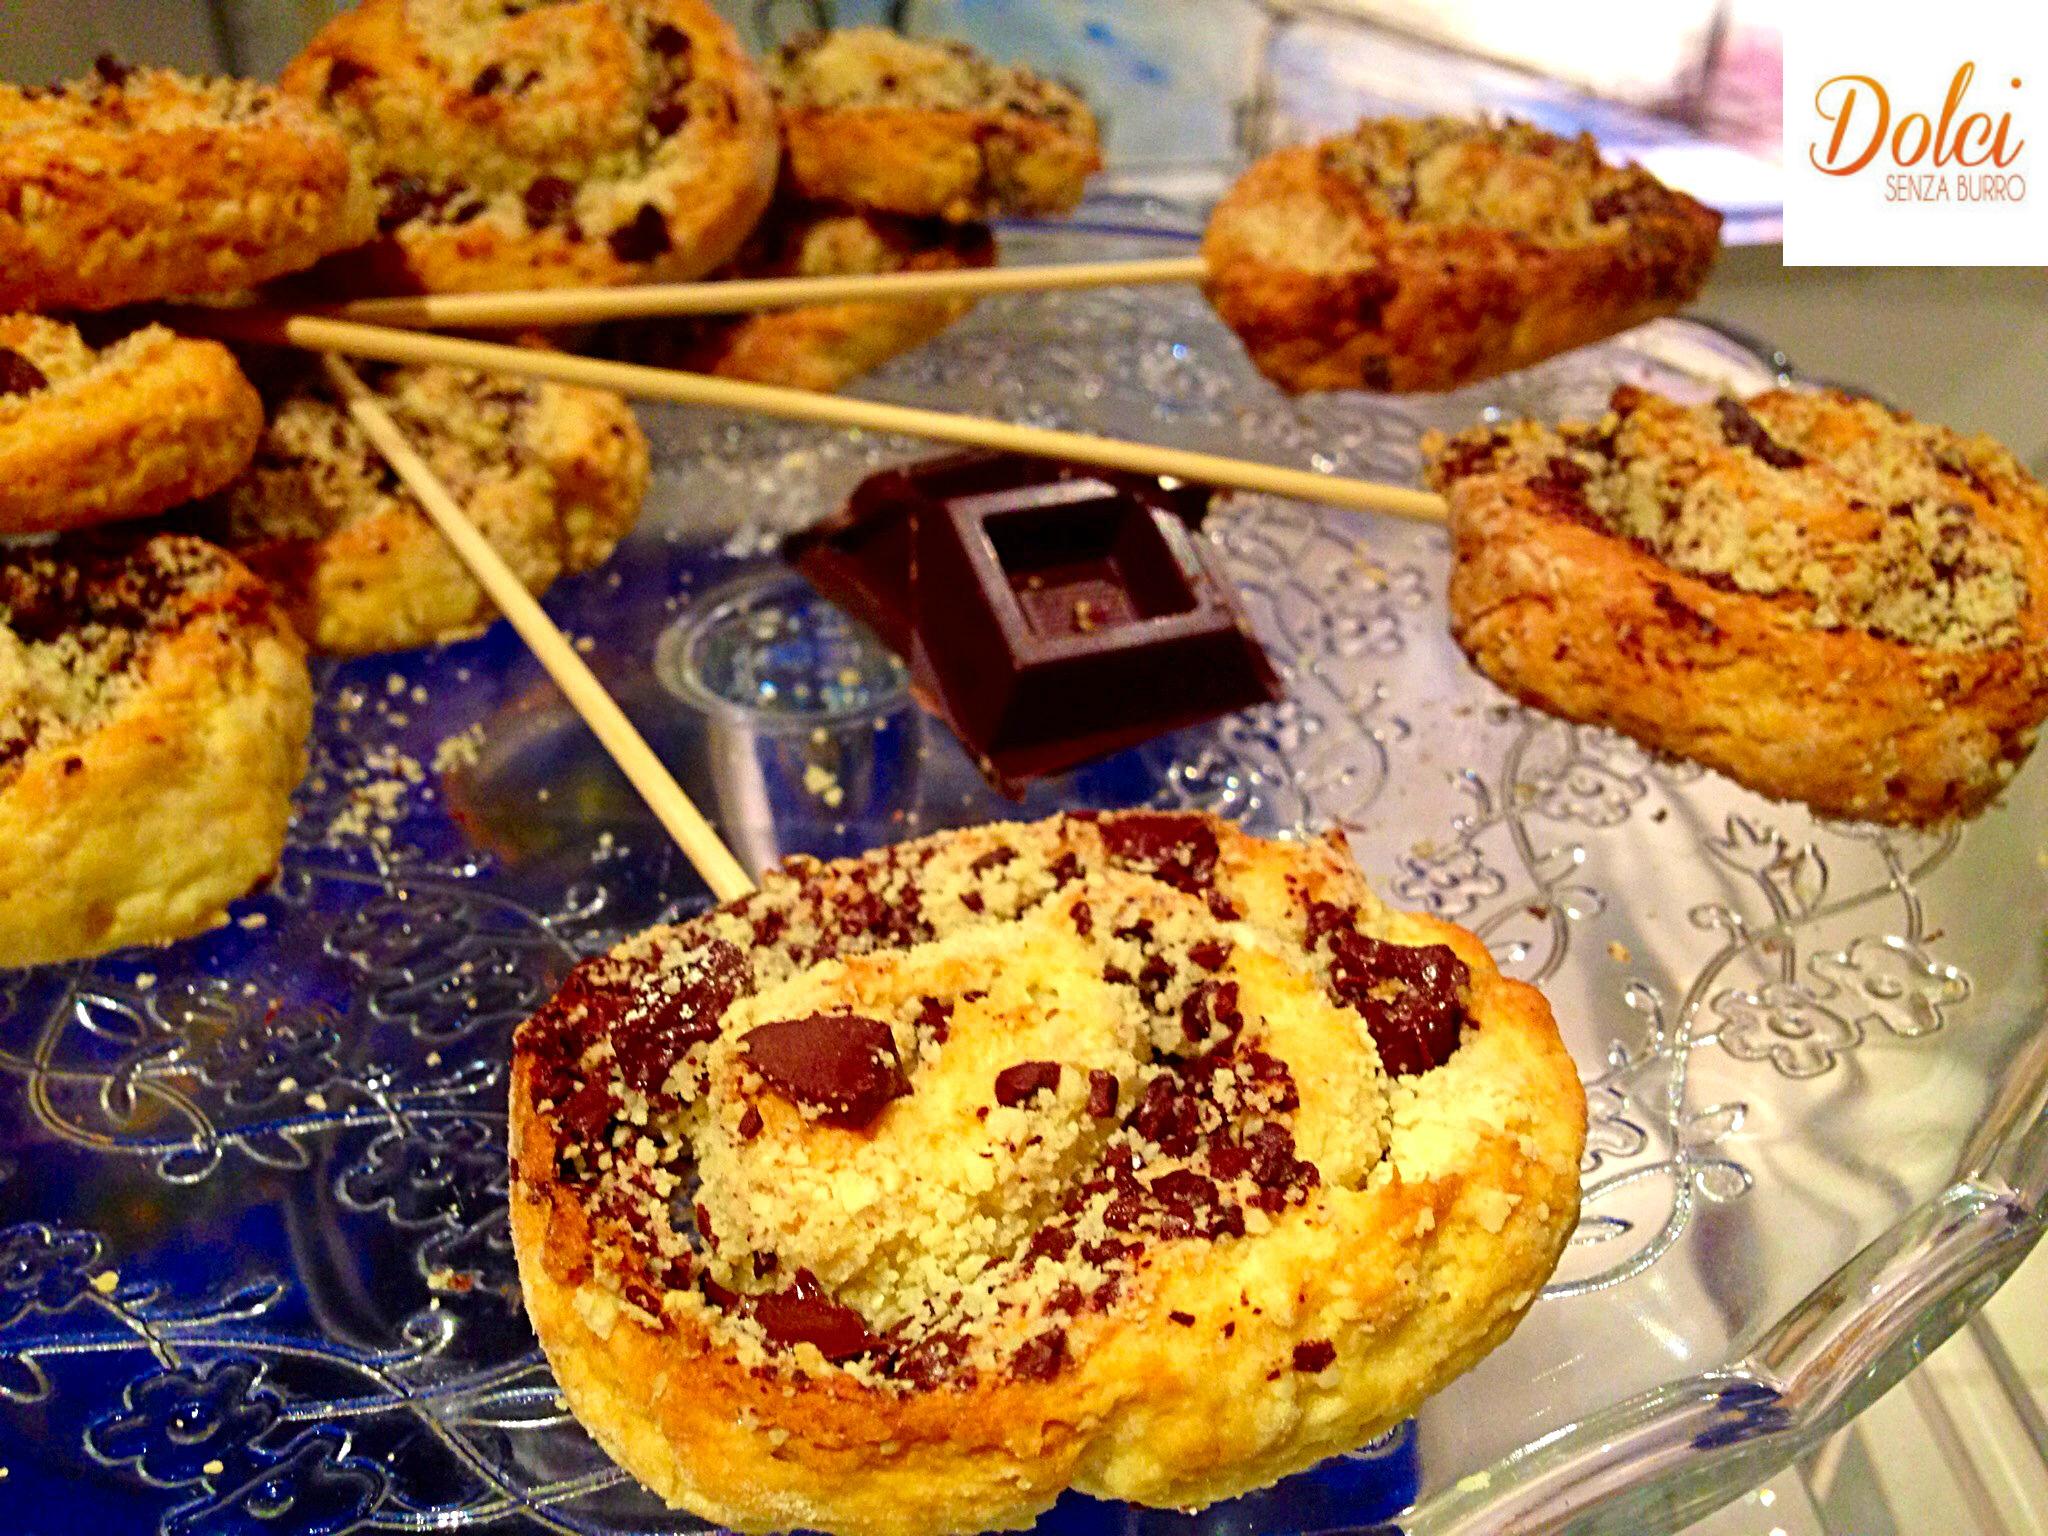 Girelle al Cioccolato Senza Burro e Uova, una morbida pasta farcita con cioccolato e nocciole di dolci senza burro